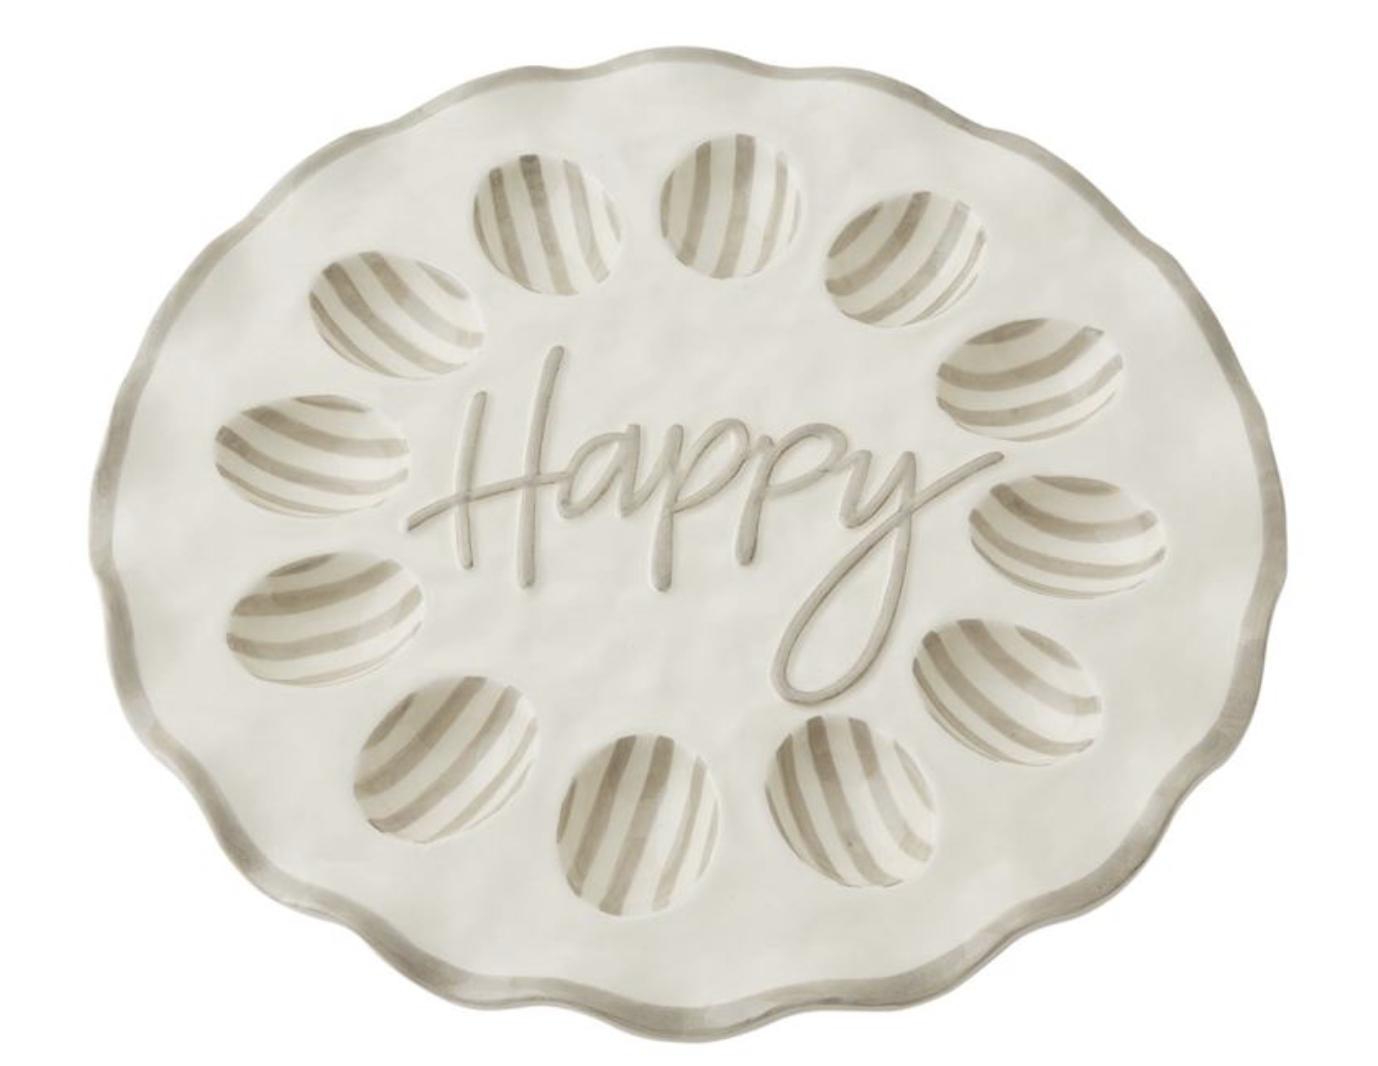 Happy Ruffled Egg Tray